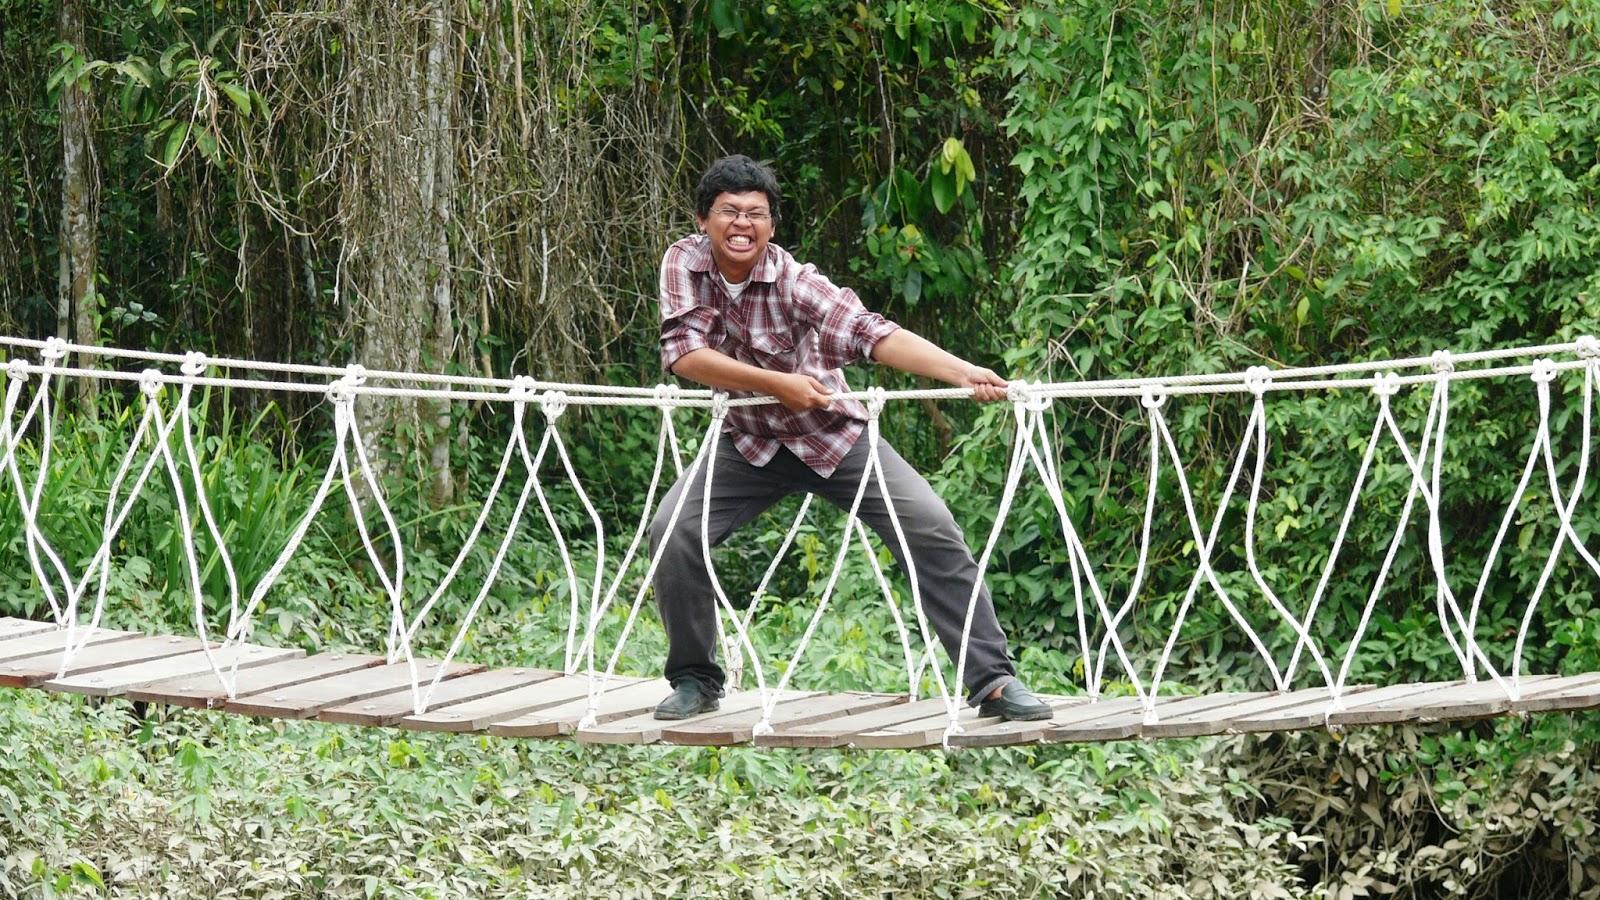 Wisata Kuliner Selimau Park Jongfajar Taman Kab Bulungan